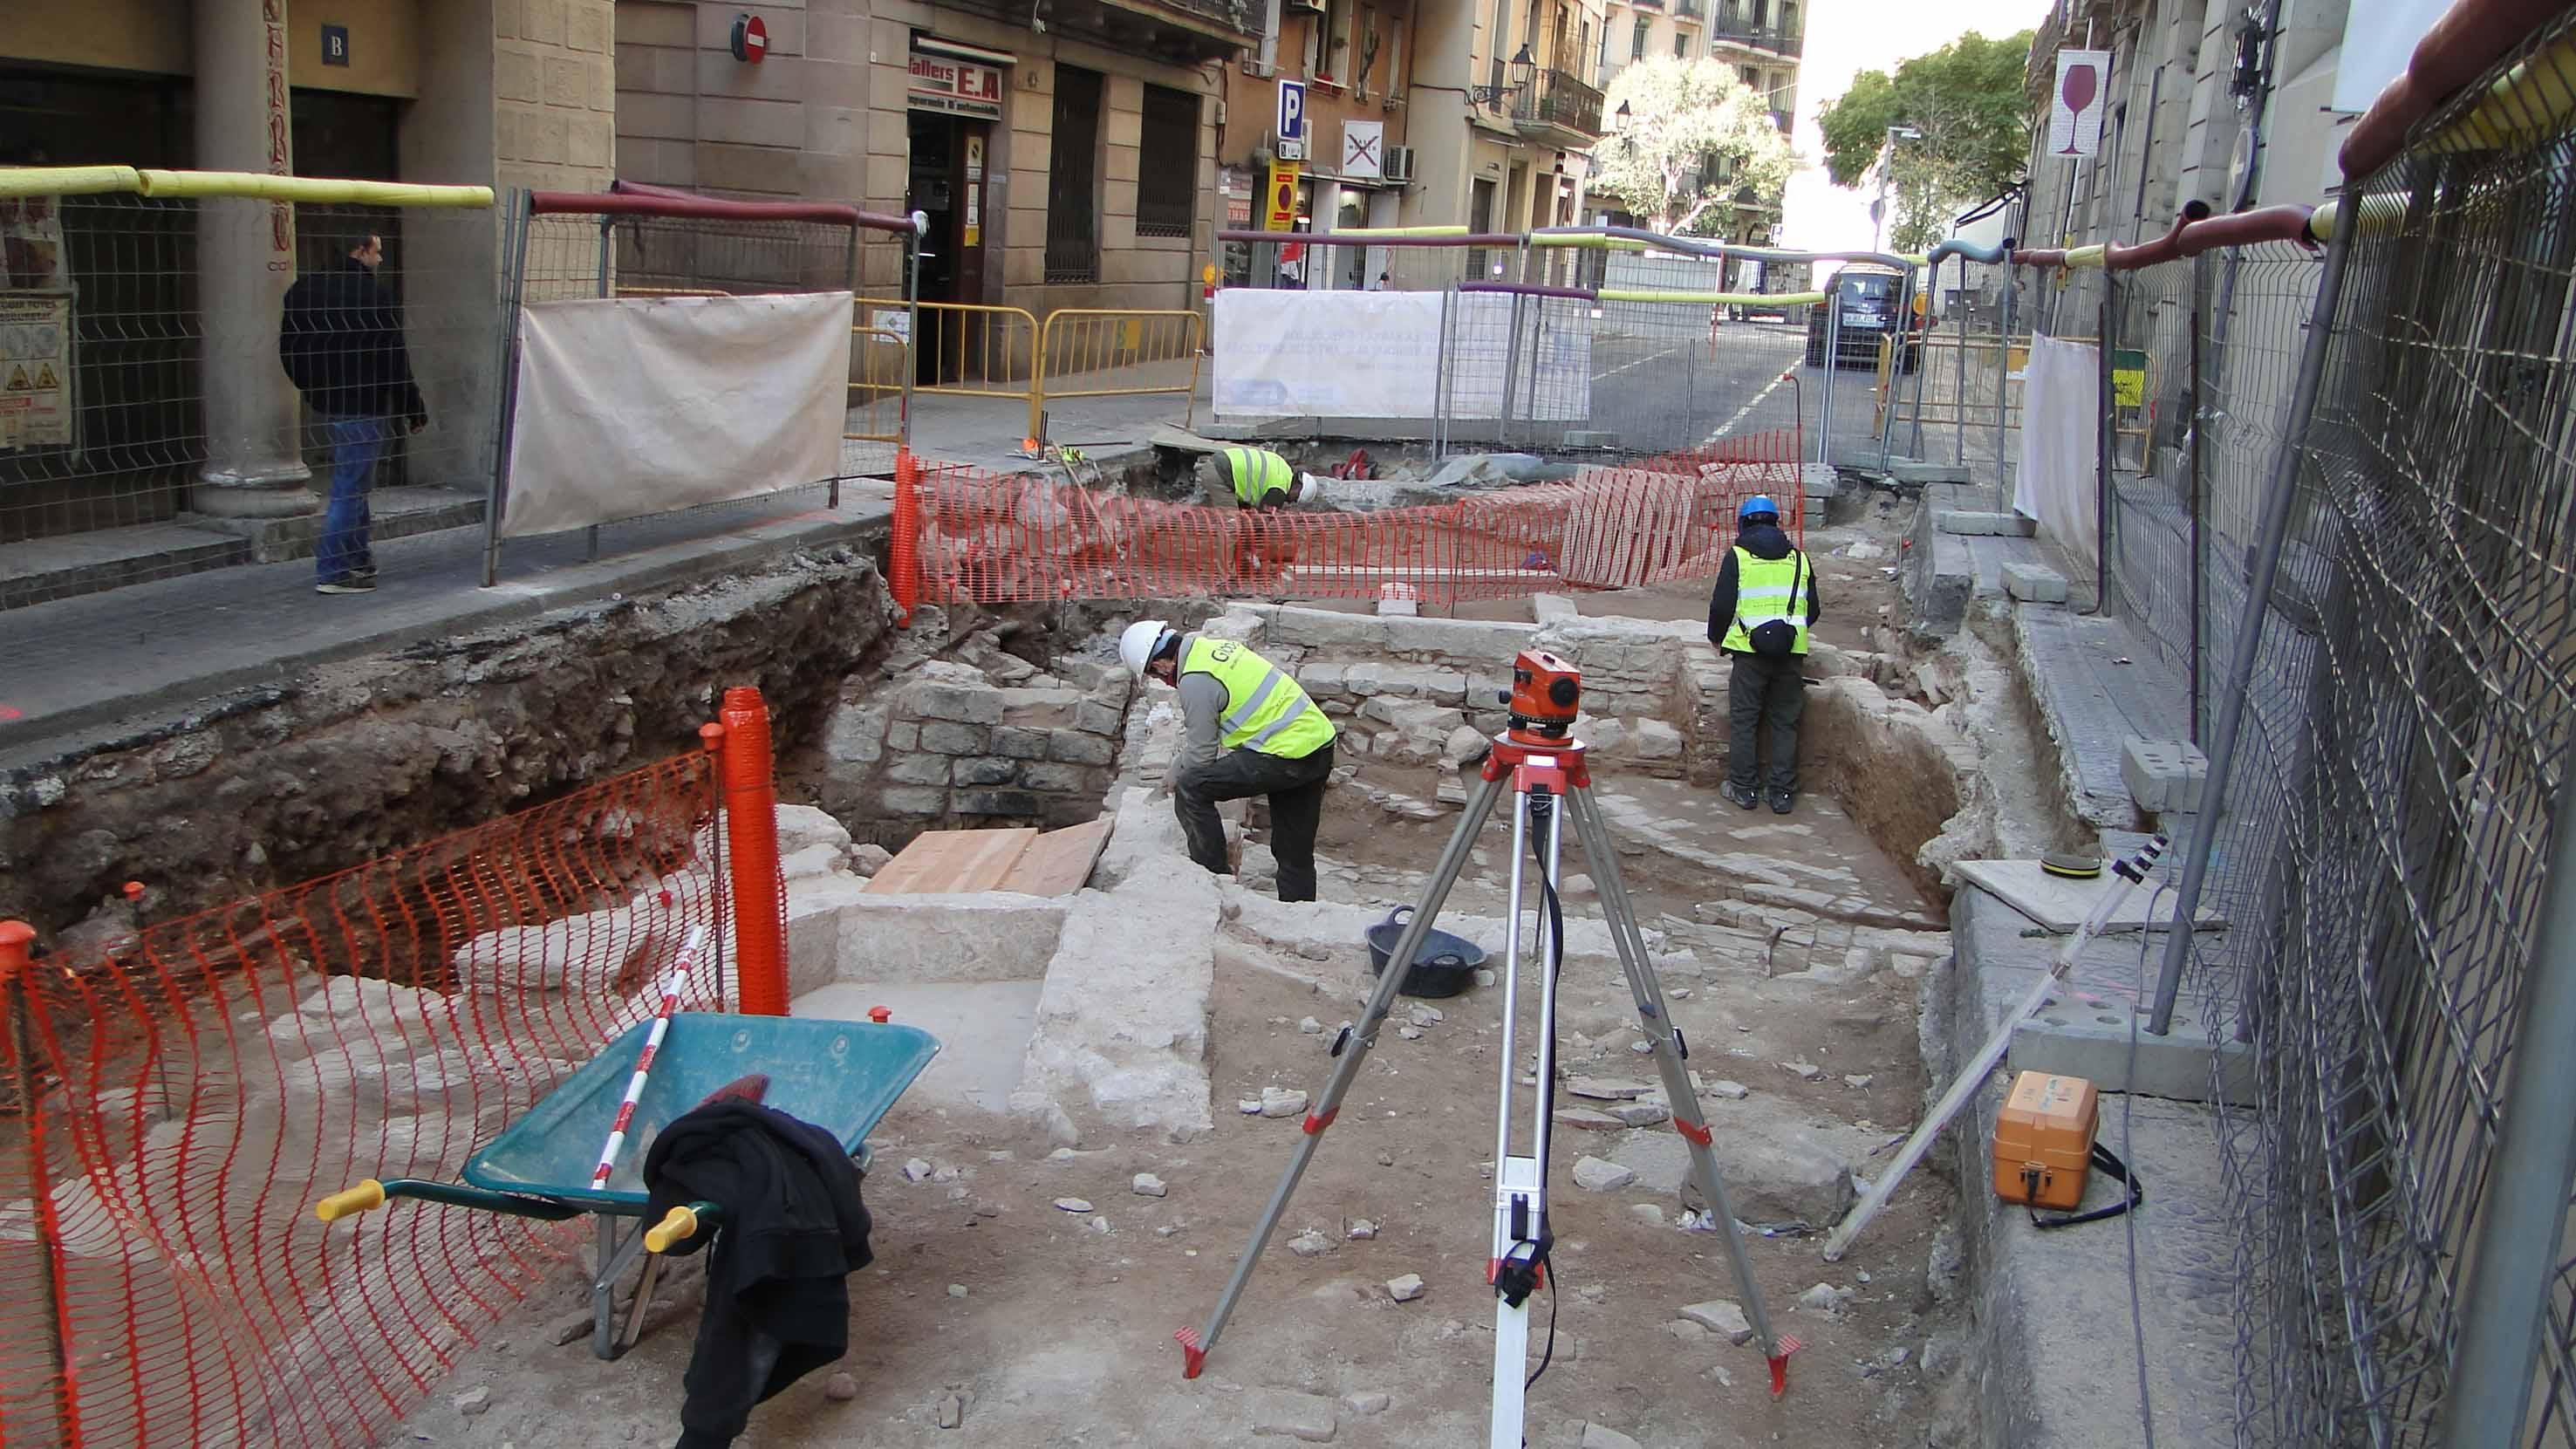 Treballs arqueològics en procés. Foto: Walter Alegria